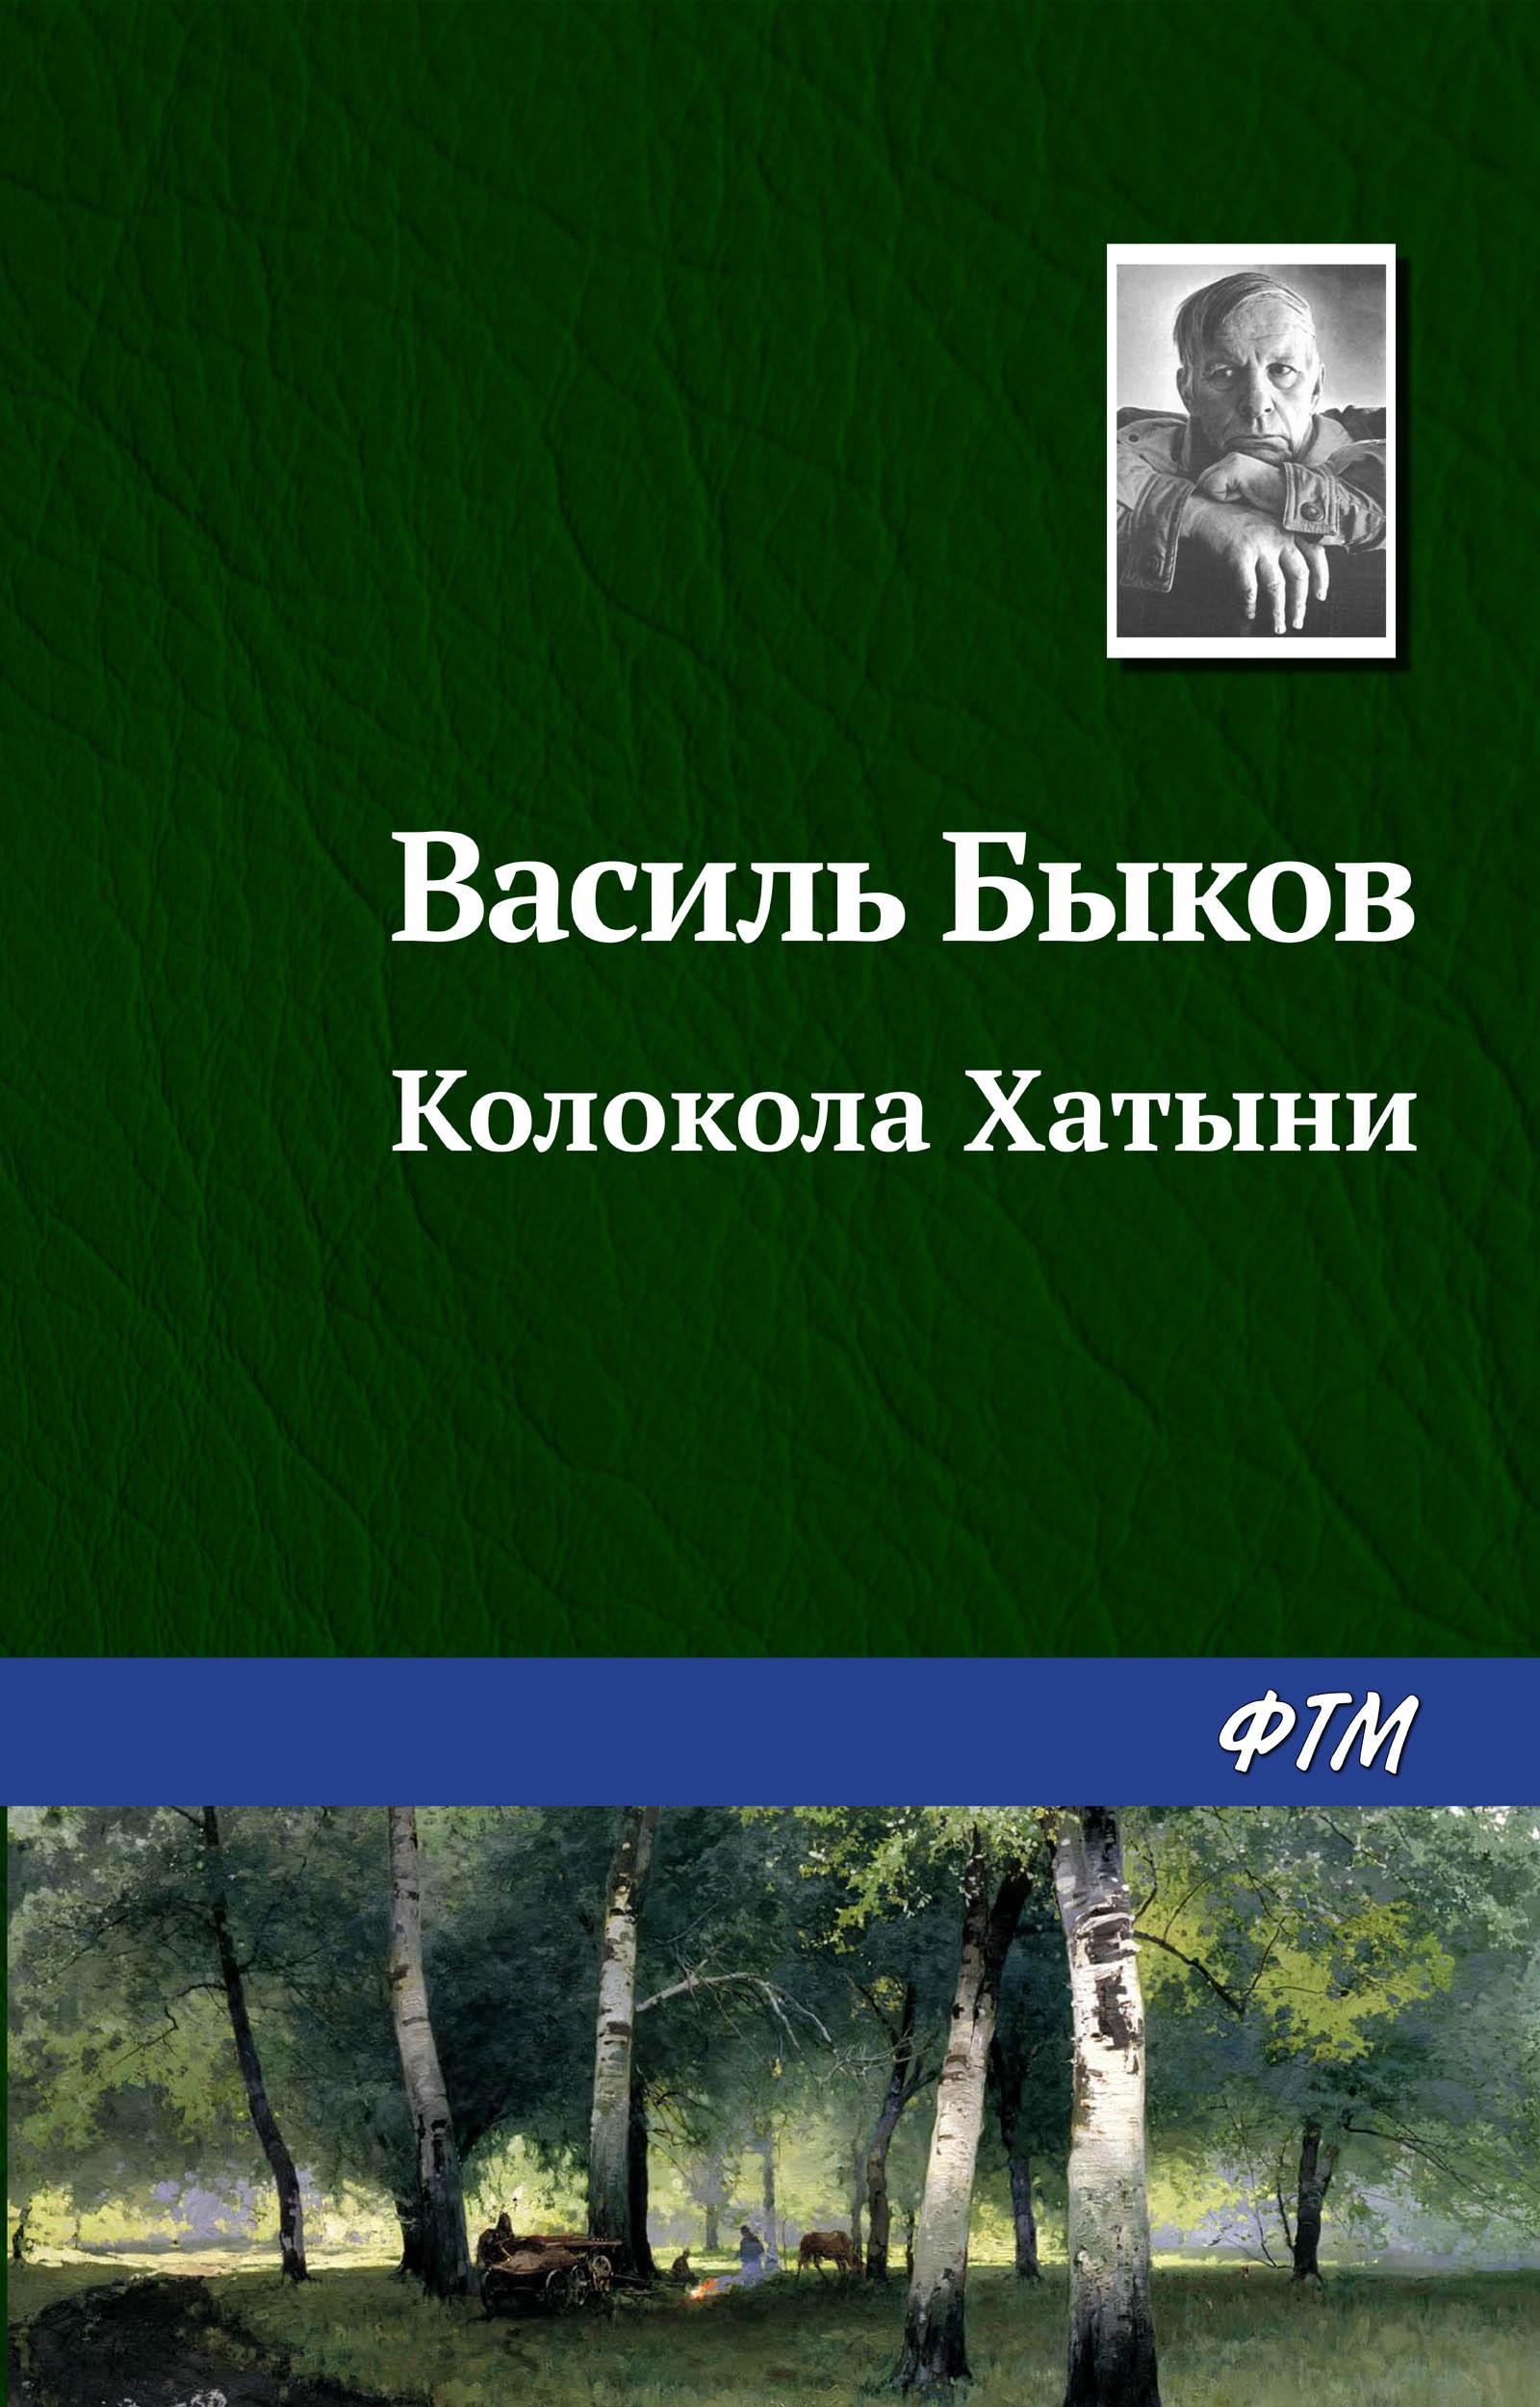 Василь Быков Колокола Хатыни видеофильм о хатыни